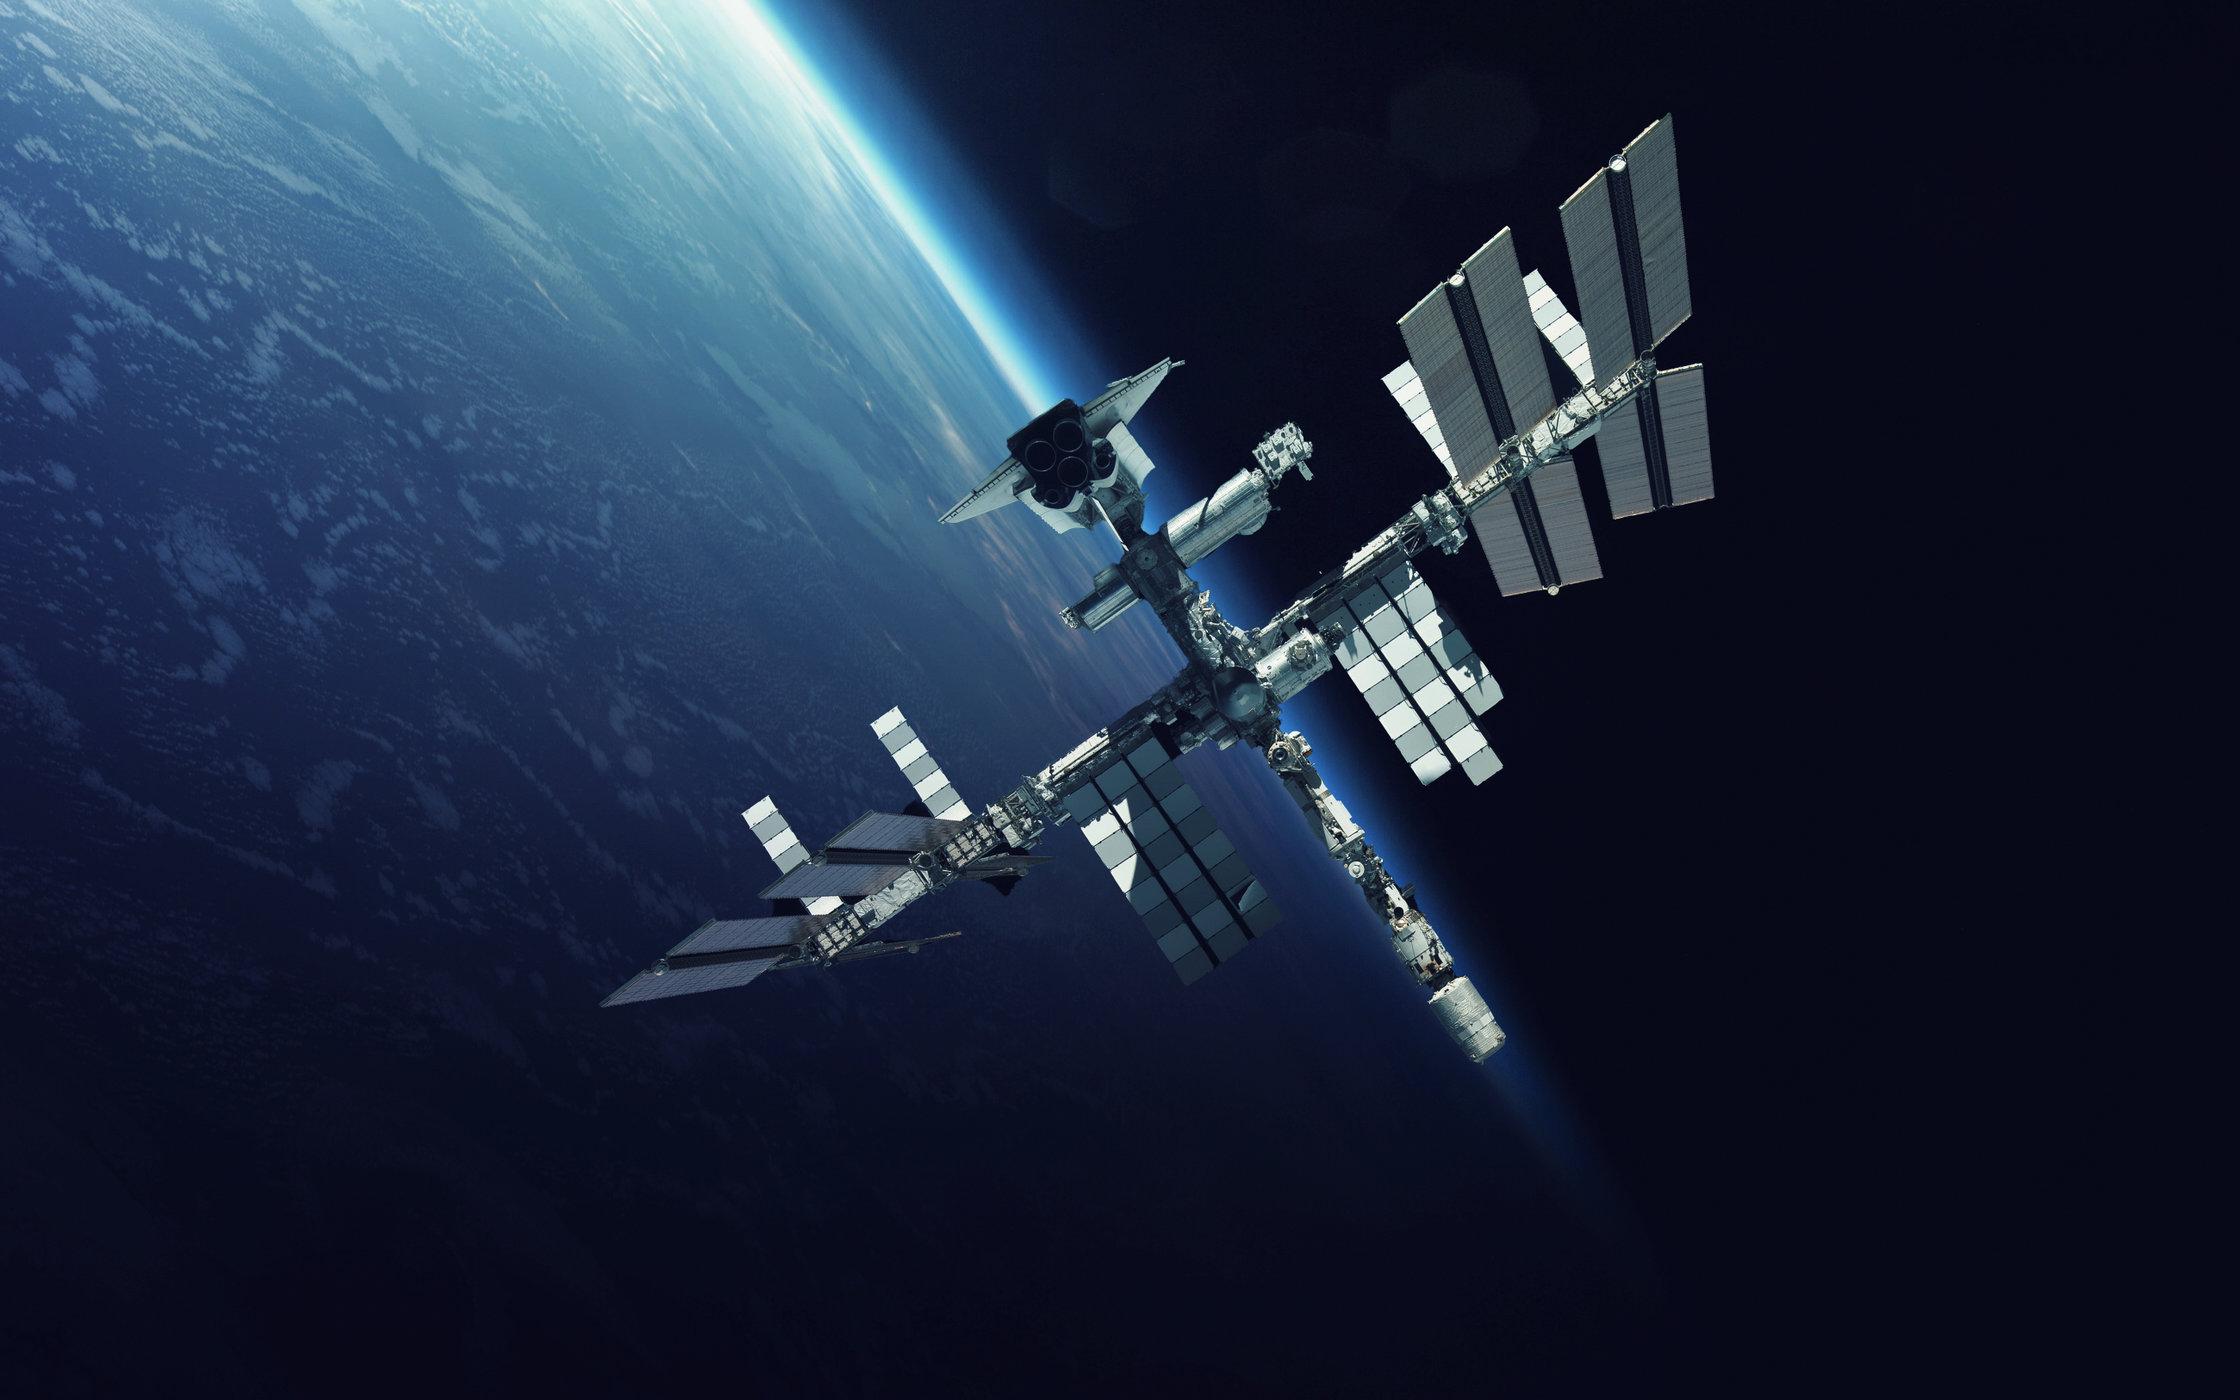 НАСА будет пускать космических туристов на МКС